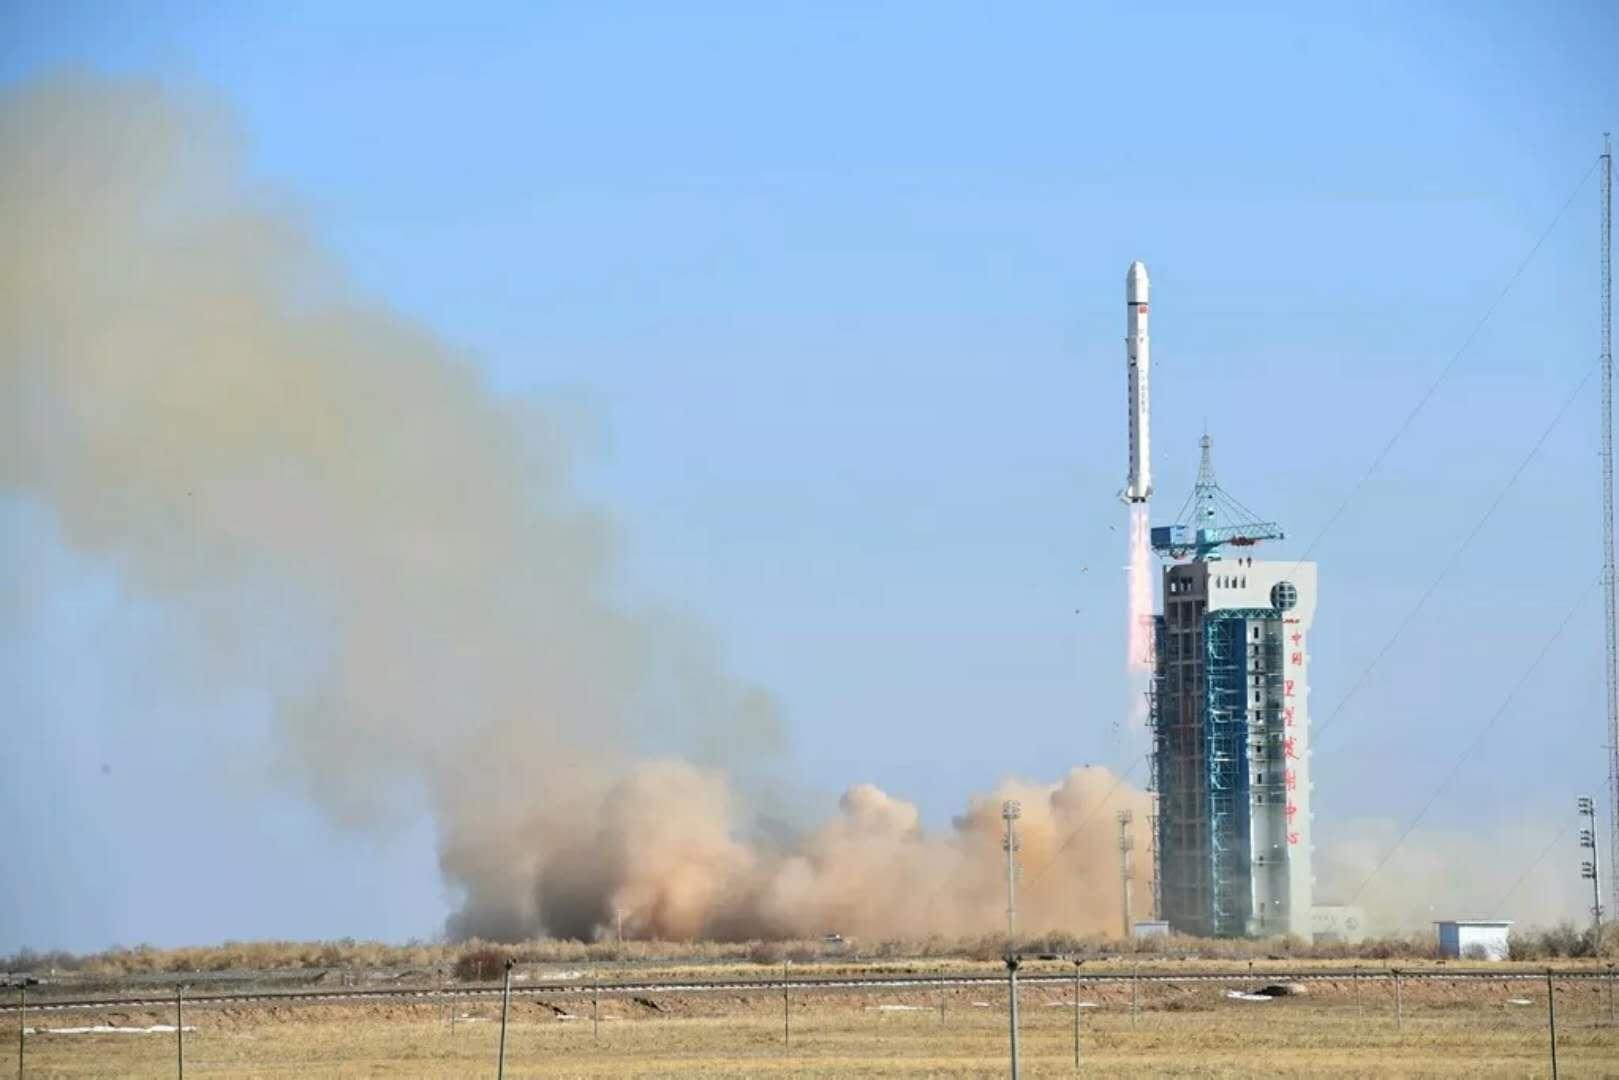 陆地勘查卫星三号发射成功.jpg